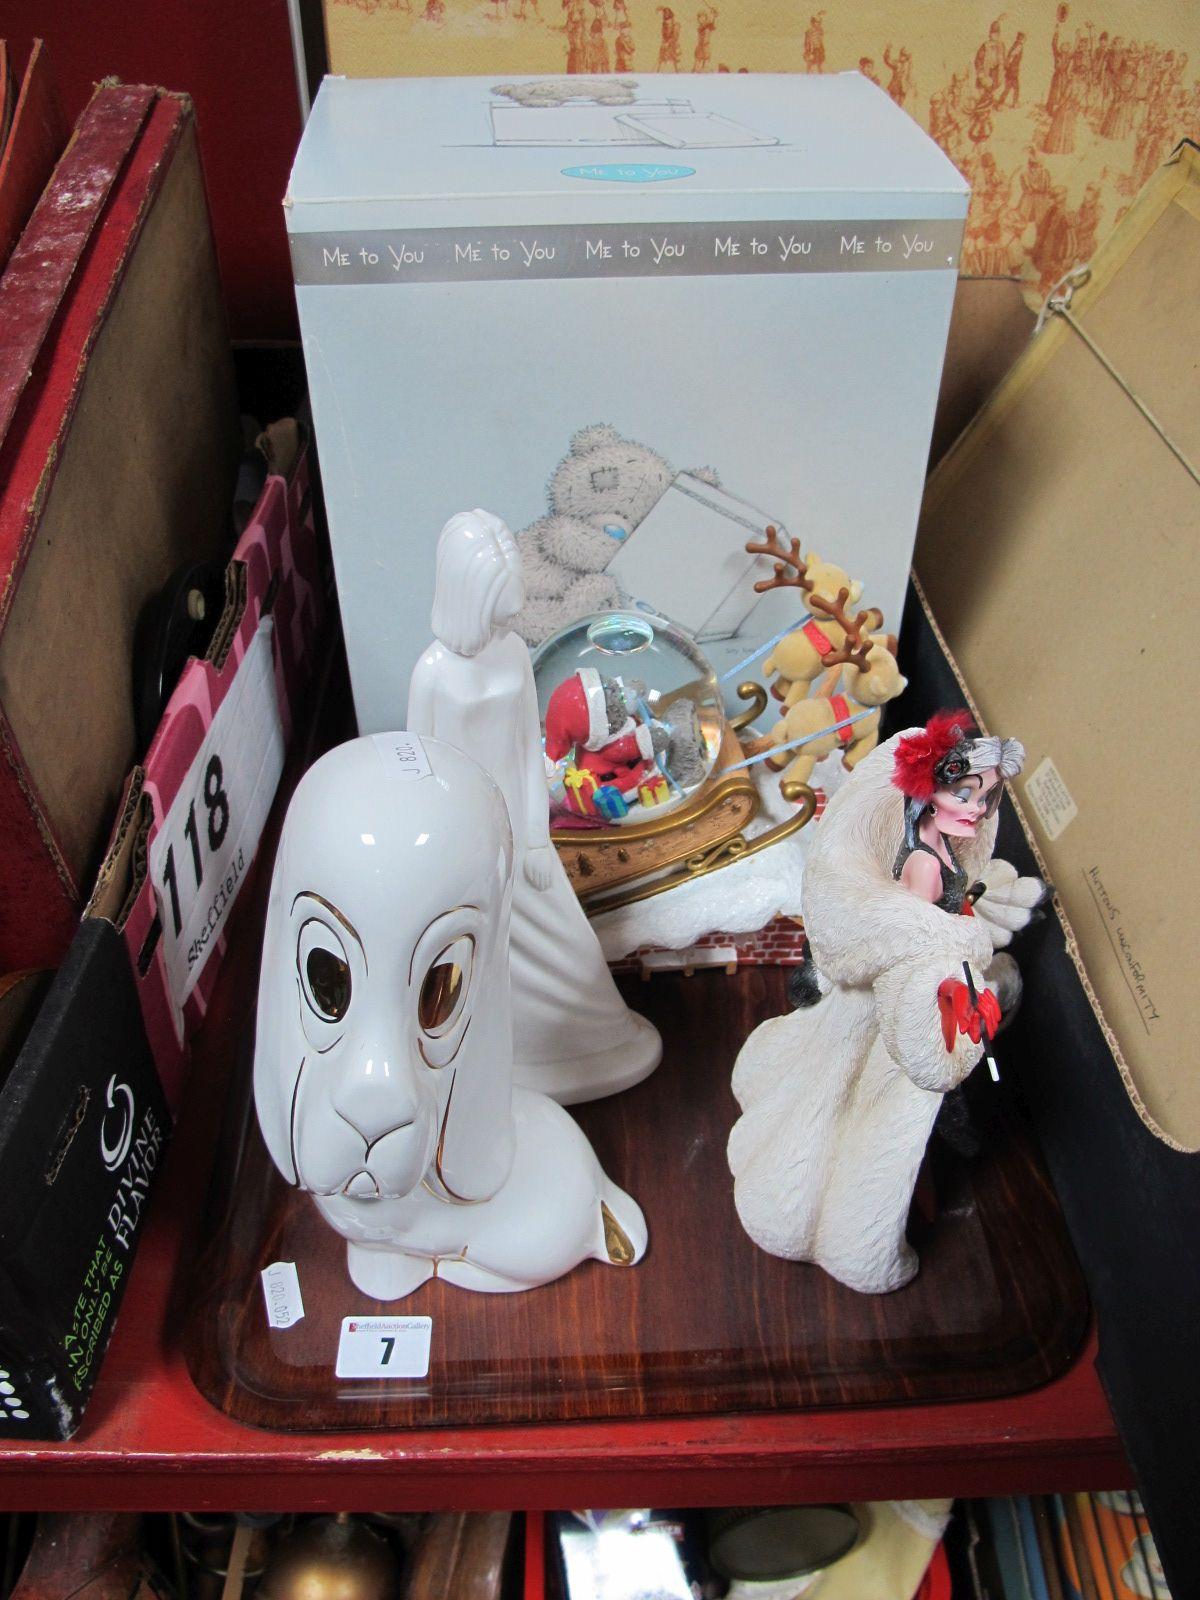 Lot 7 - 'Me to You' Snow Globe, Disney Cruella De Vil, Pauline Shone 'Georgina' and ceramic dog:- One Tray